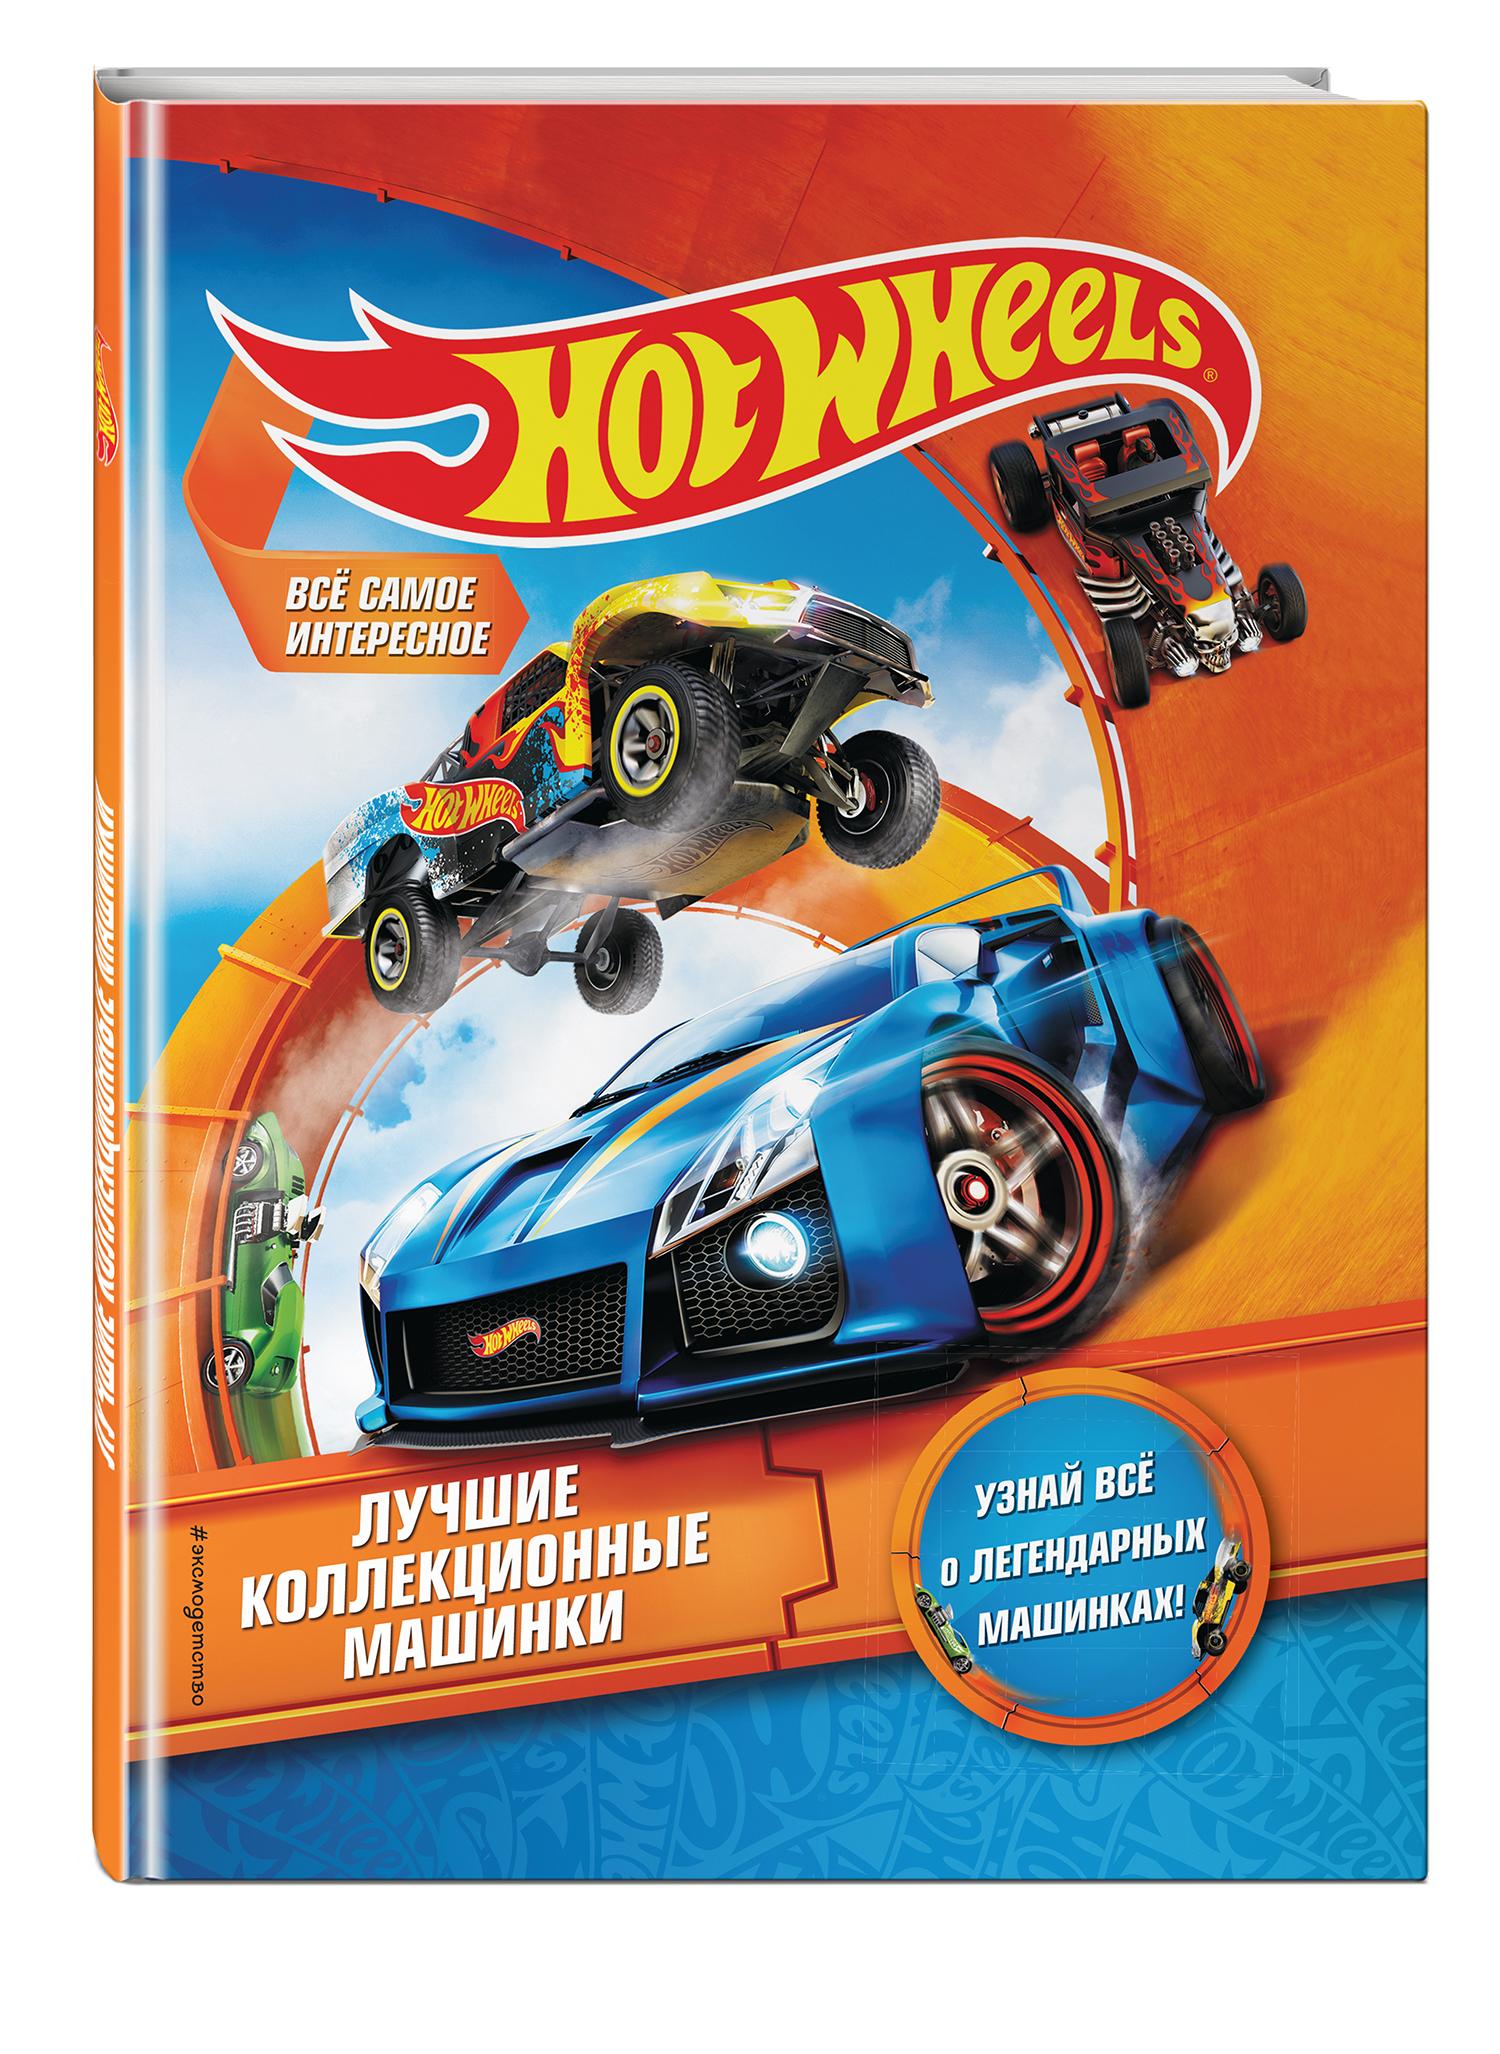 Гахаев Б.С. Hot Wheels. Лучшие коллекционные машинки талалаева е отв ред hot wheels лучшие коллекционные машинки